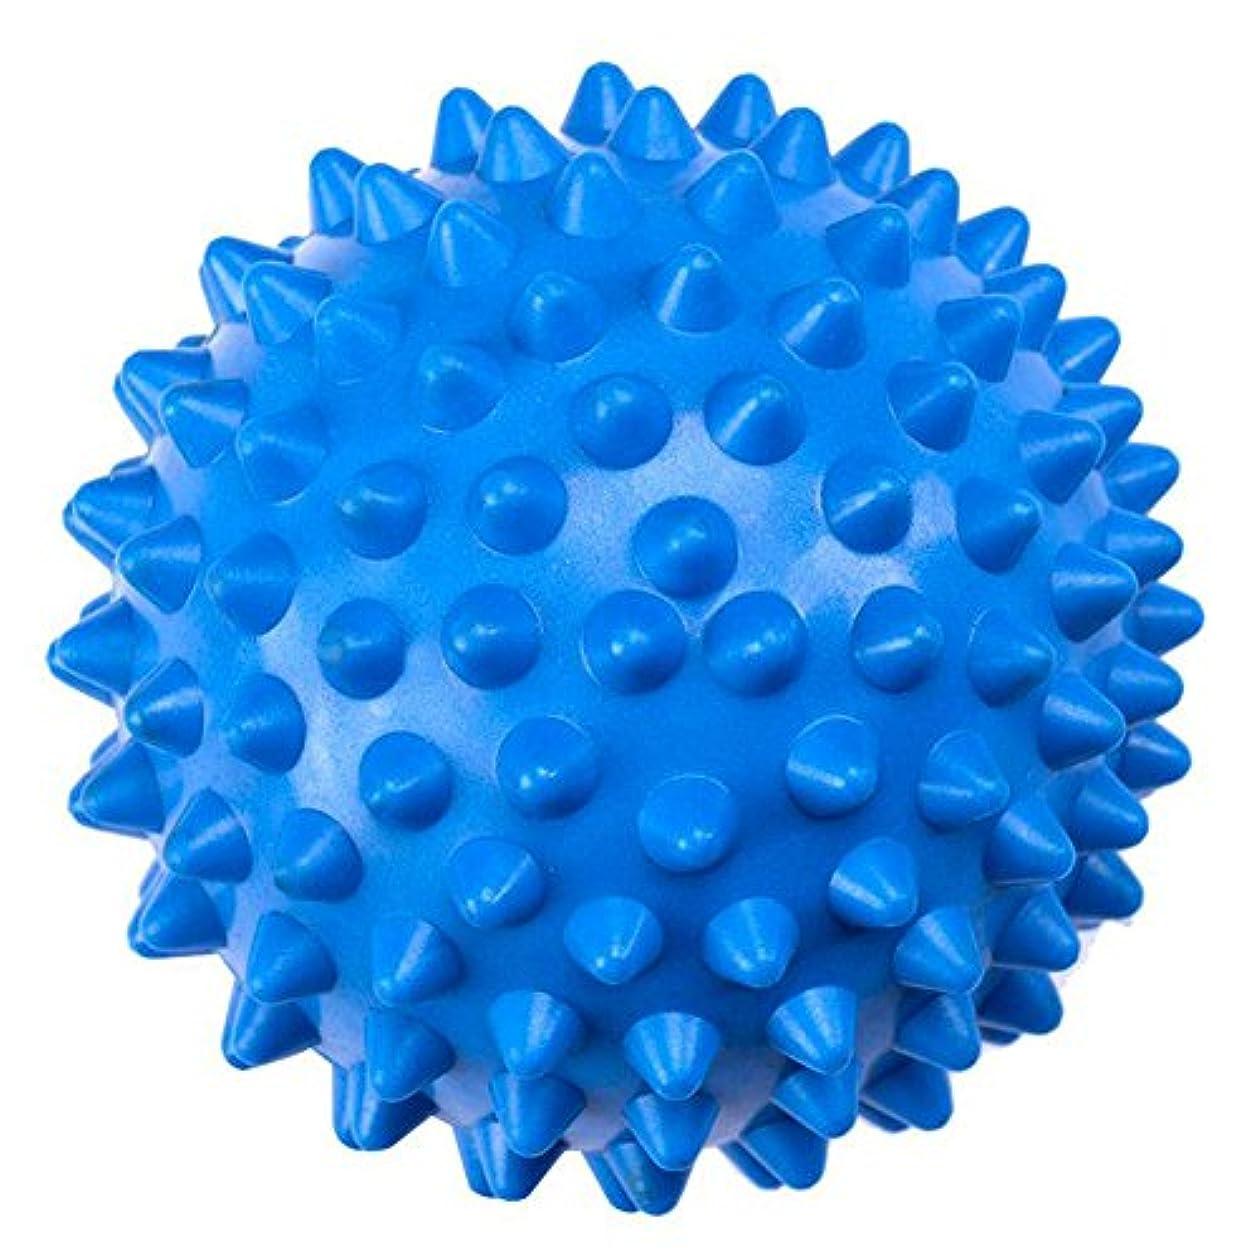 薄汚い軽蔑有名人HiCollie マッサージボール 触覚ボール リフレックスボール トレーニングボール ポイントマッサージ 筋筋膜リリース 筋肉緊張和らげ 血液循環促進 6cm